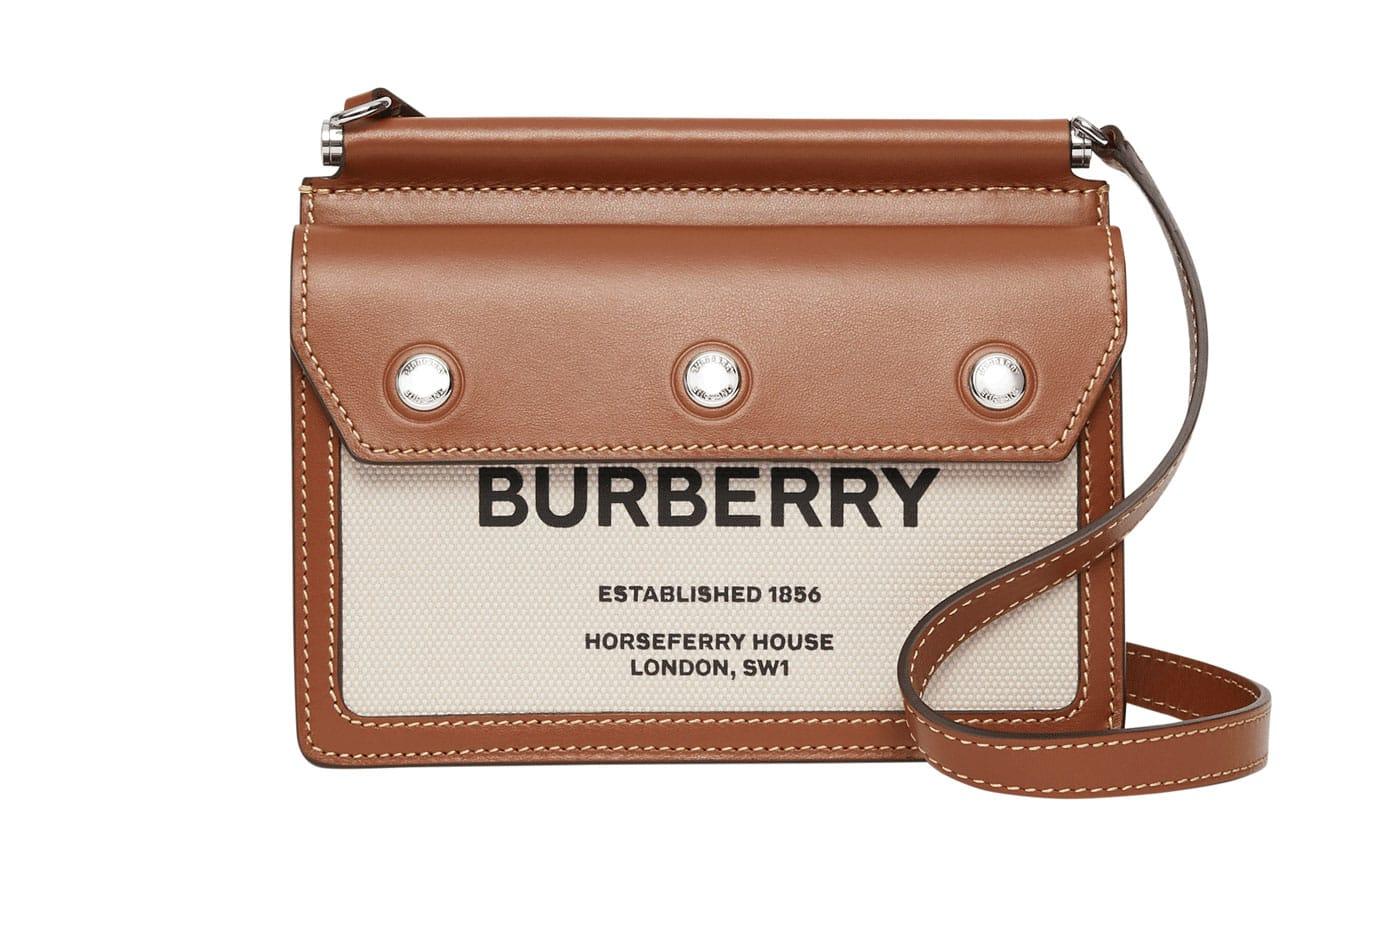 burberry bag 2019